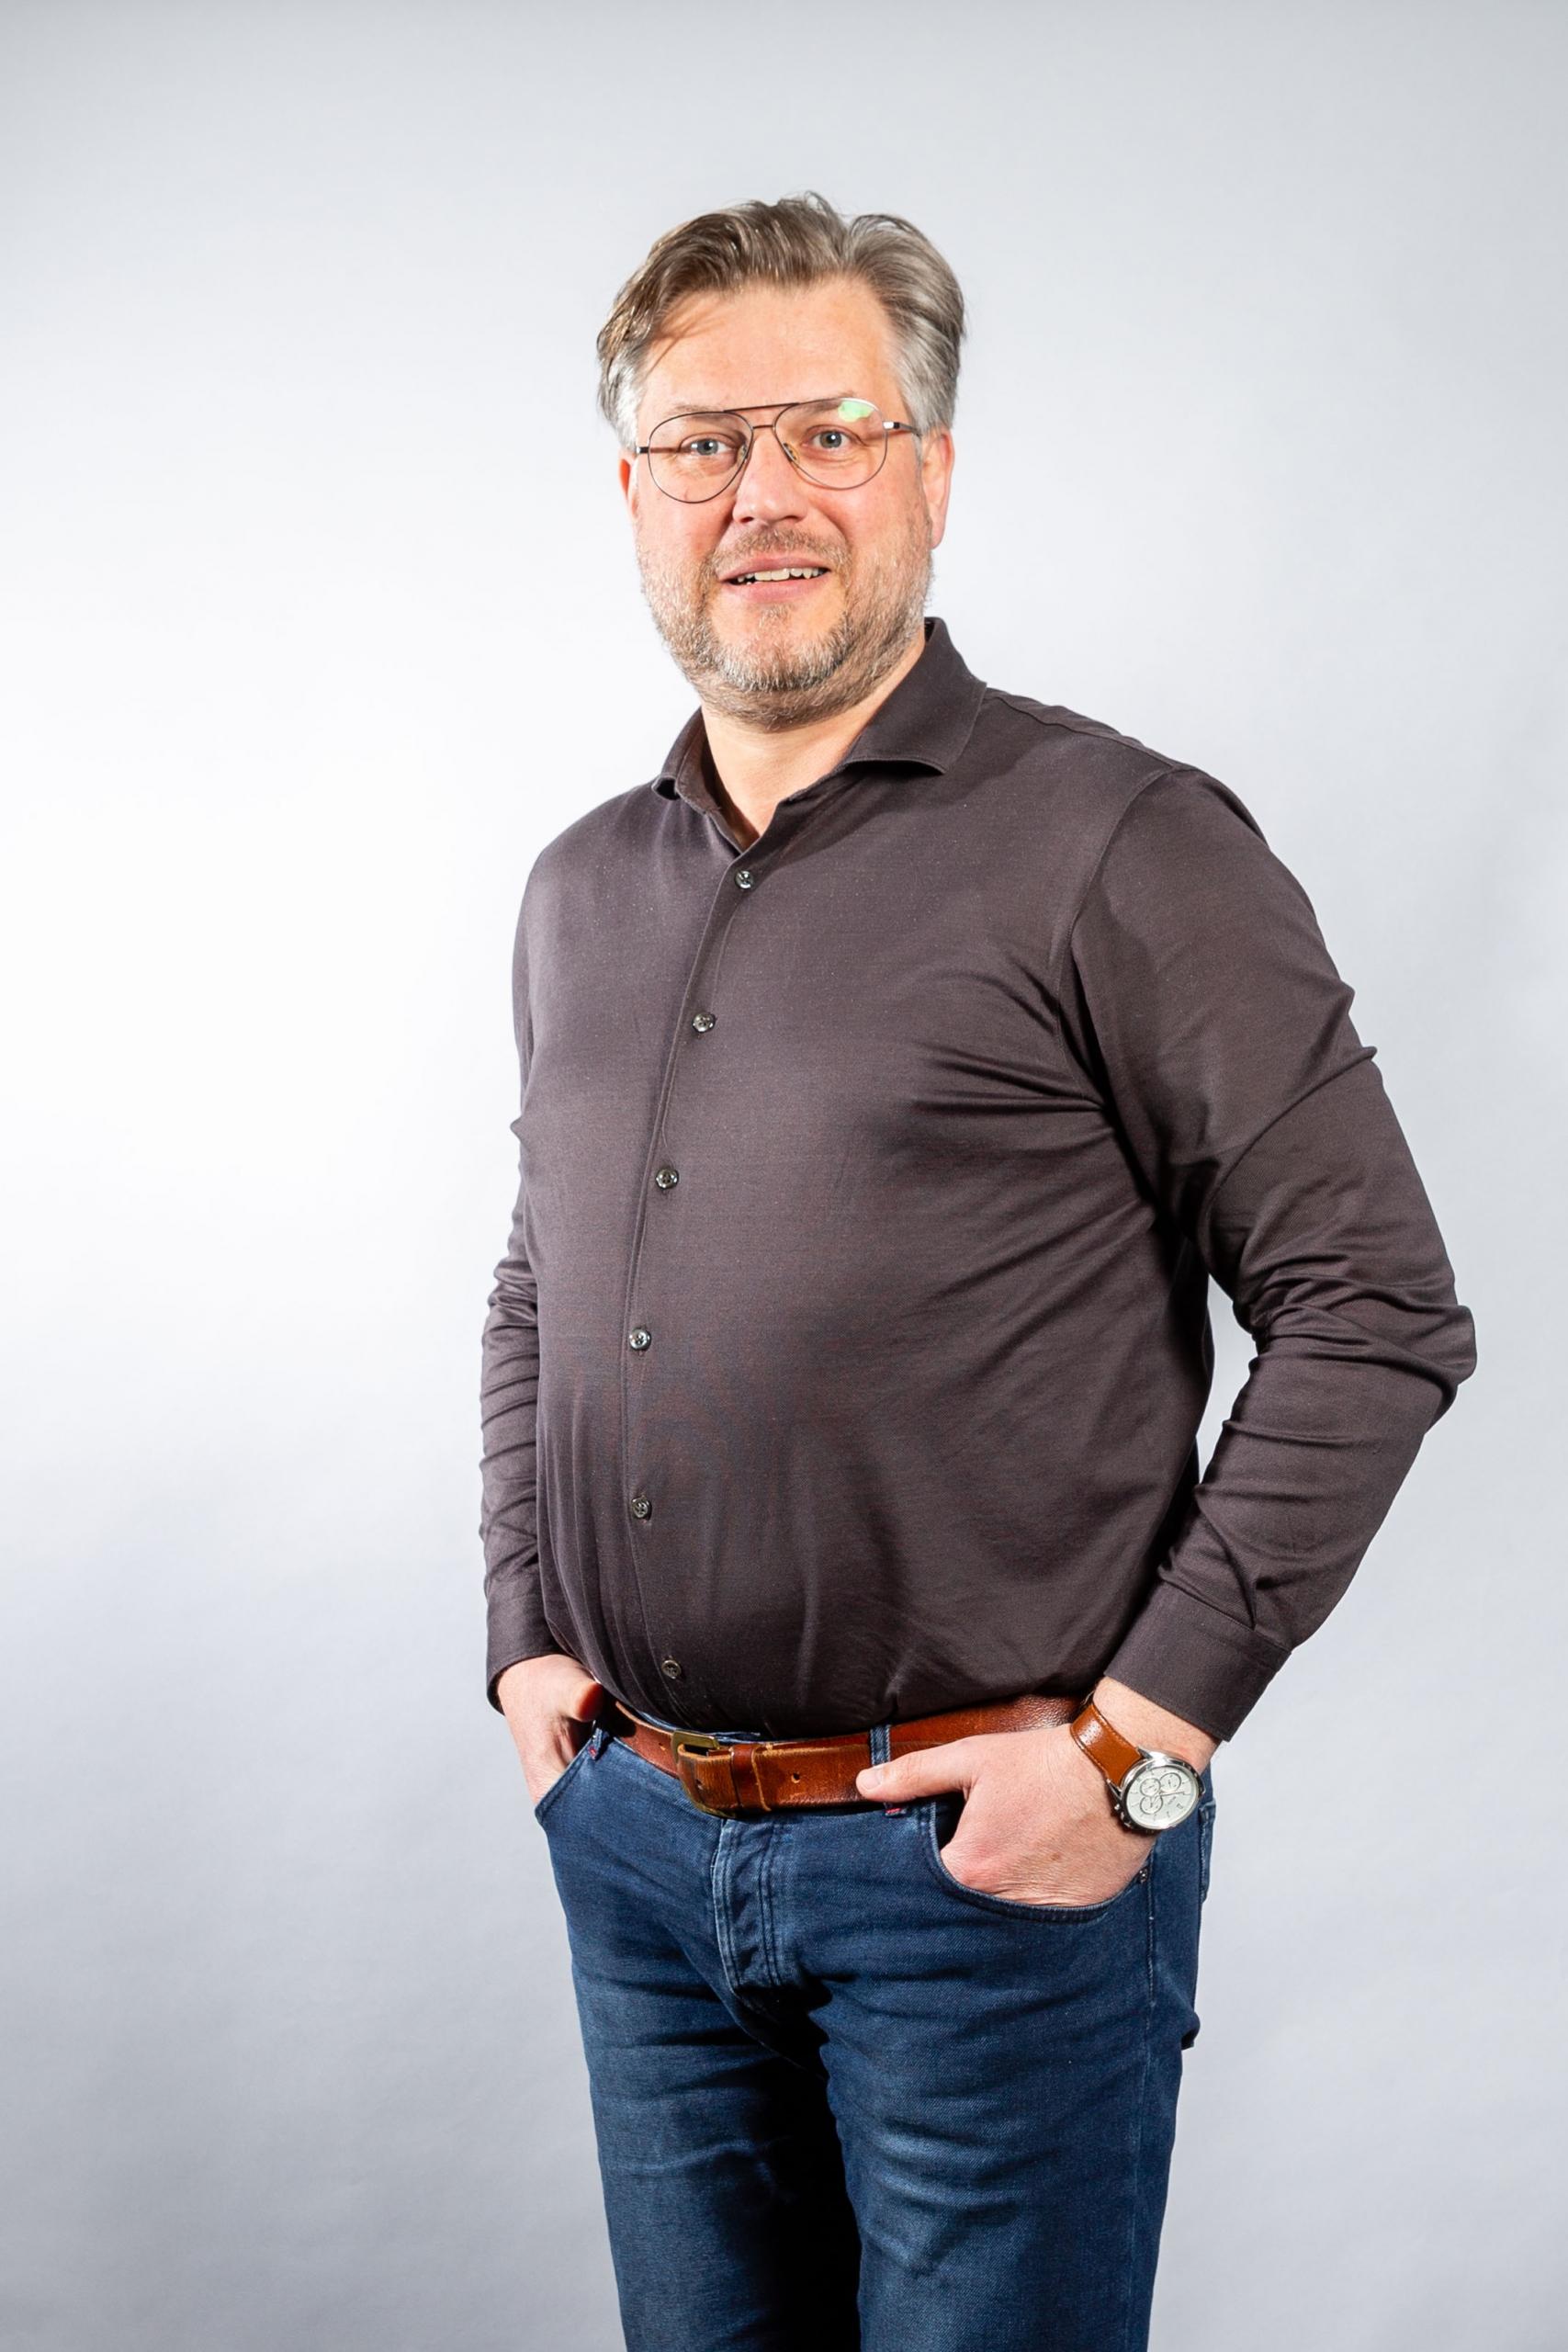 Roel Klinkhamer